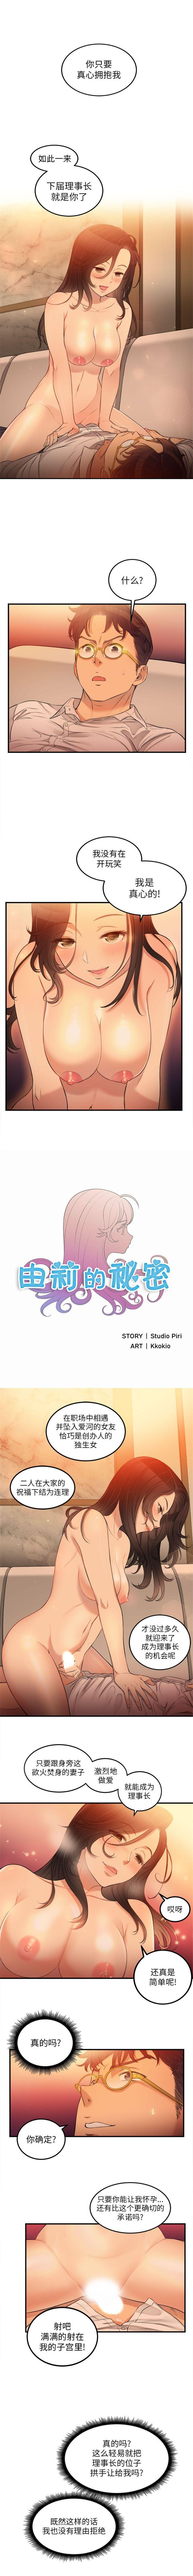 由莉的秘密1-60 中文翻译 (更新中) 57